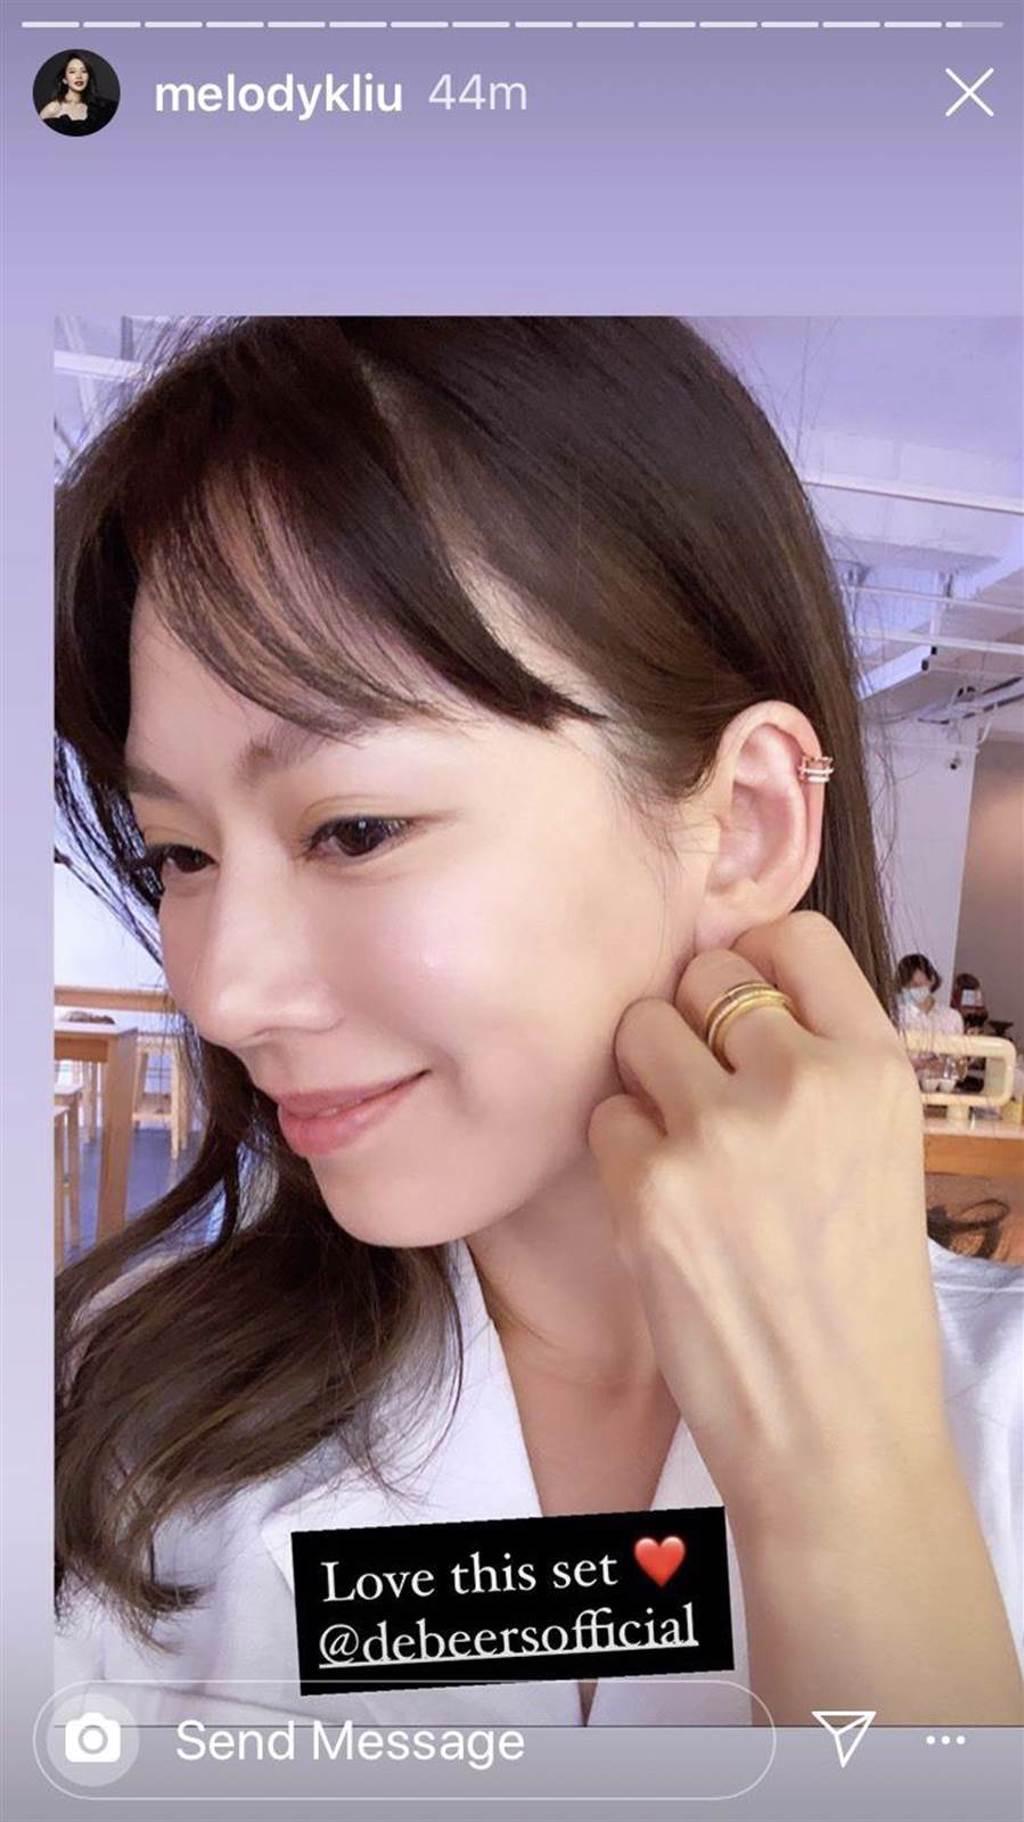 時尚媽咪Melody佩戴De Beers Horizon系列耳骨夾,感風格前衛時尚。(擷自IG)